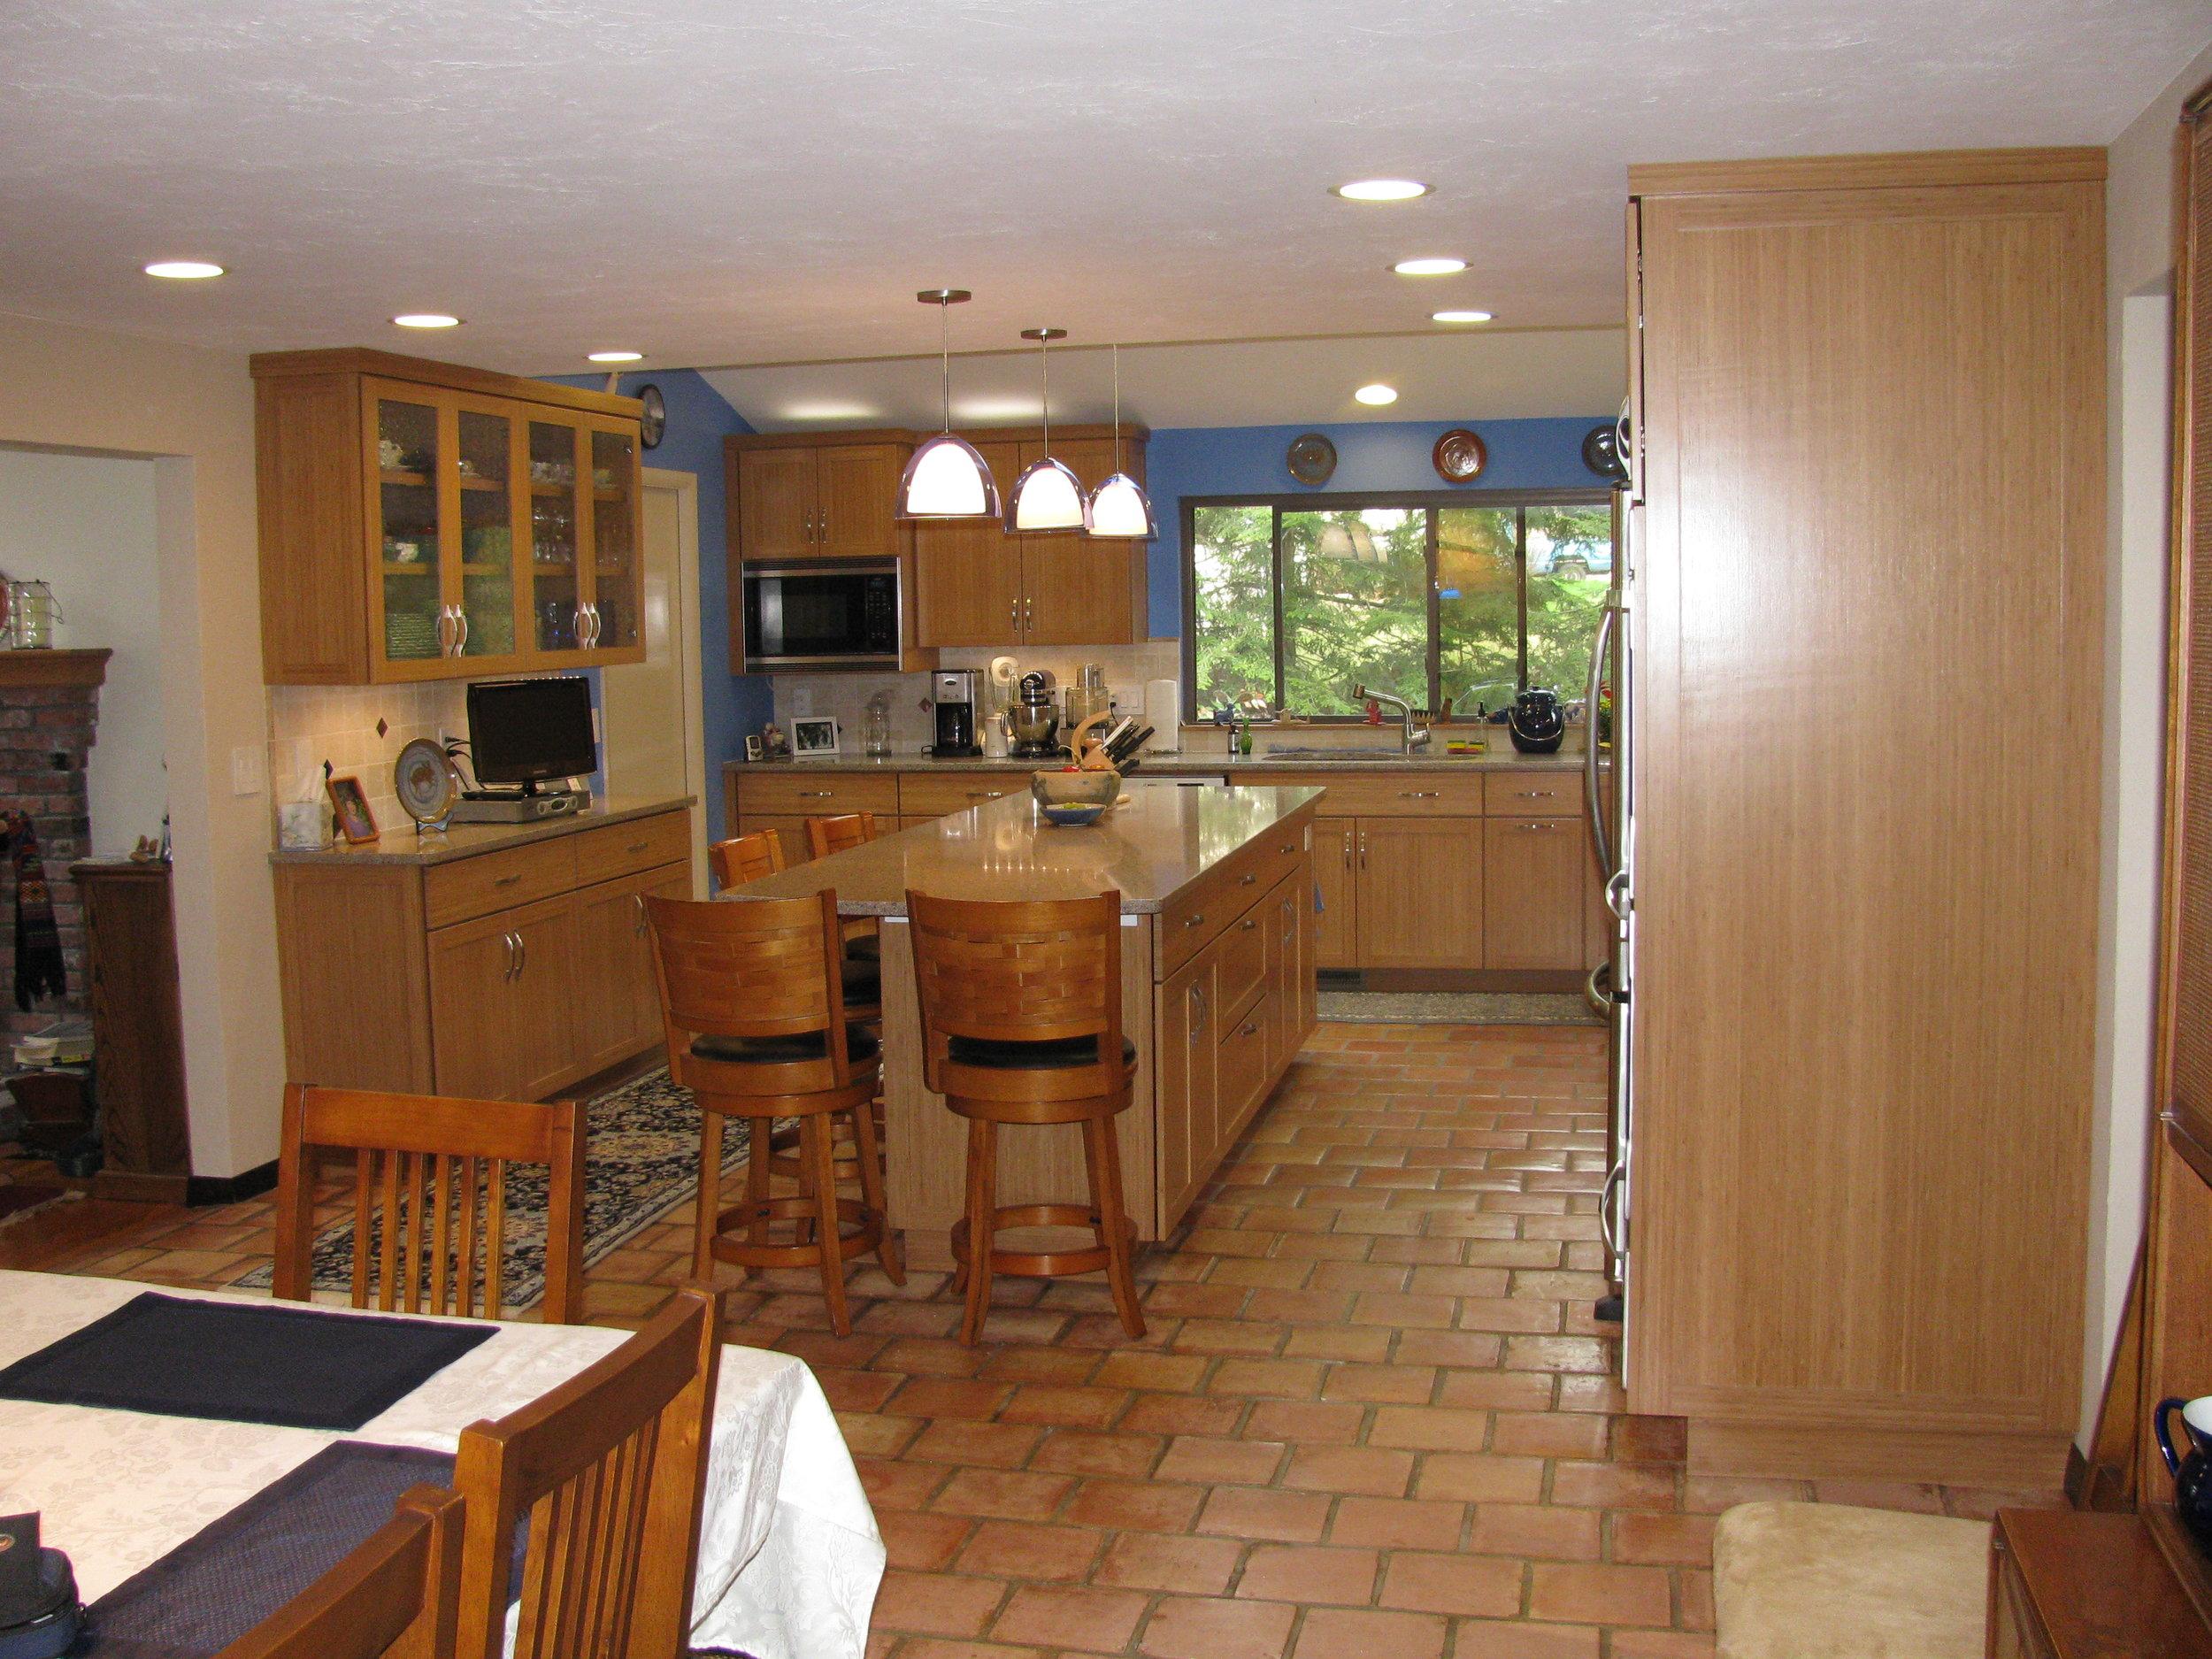 St. Germain Kitchen 004.jpg